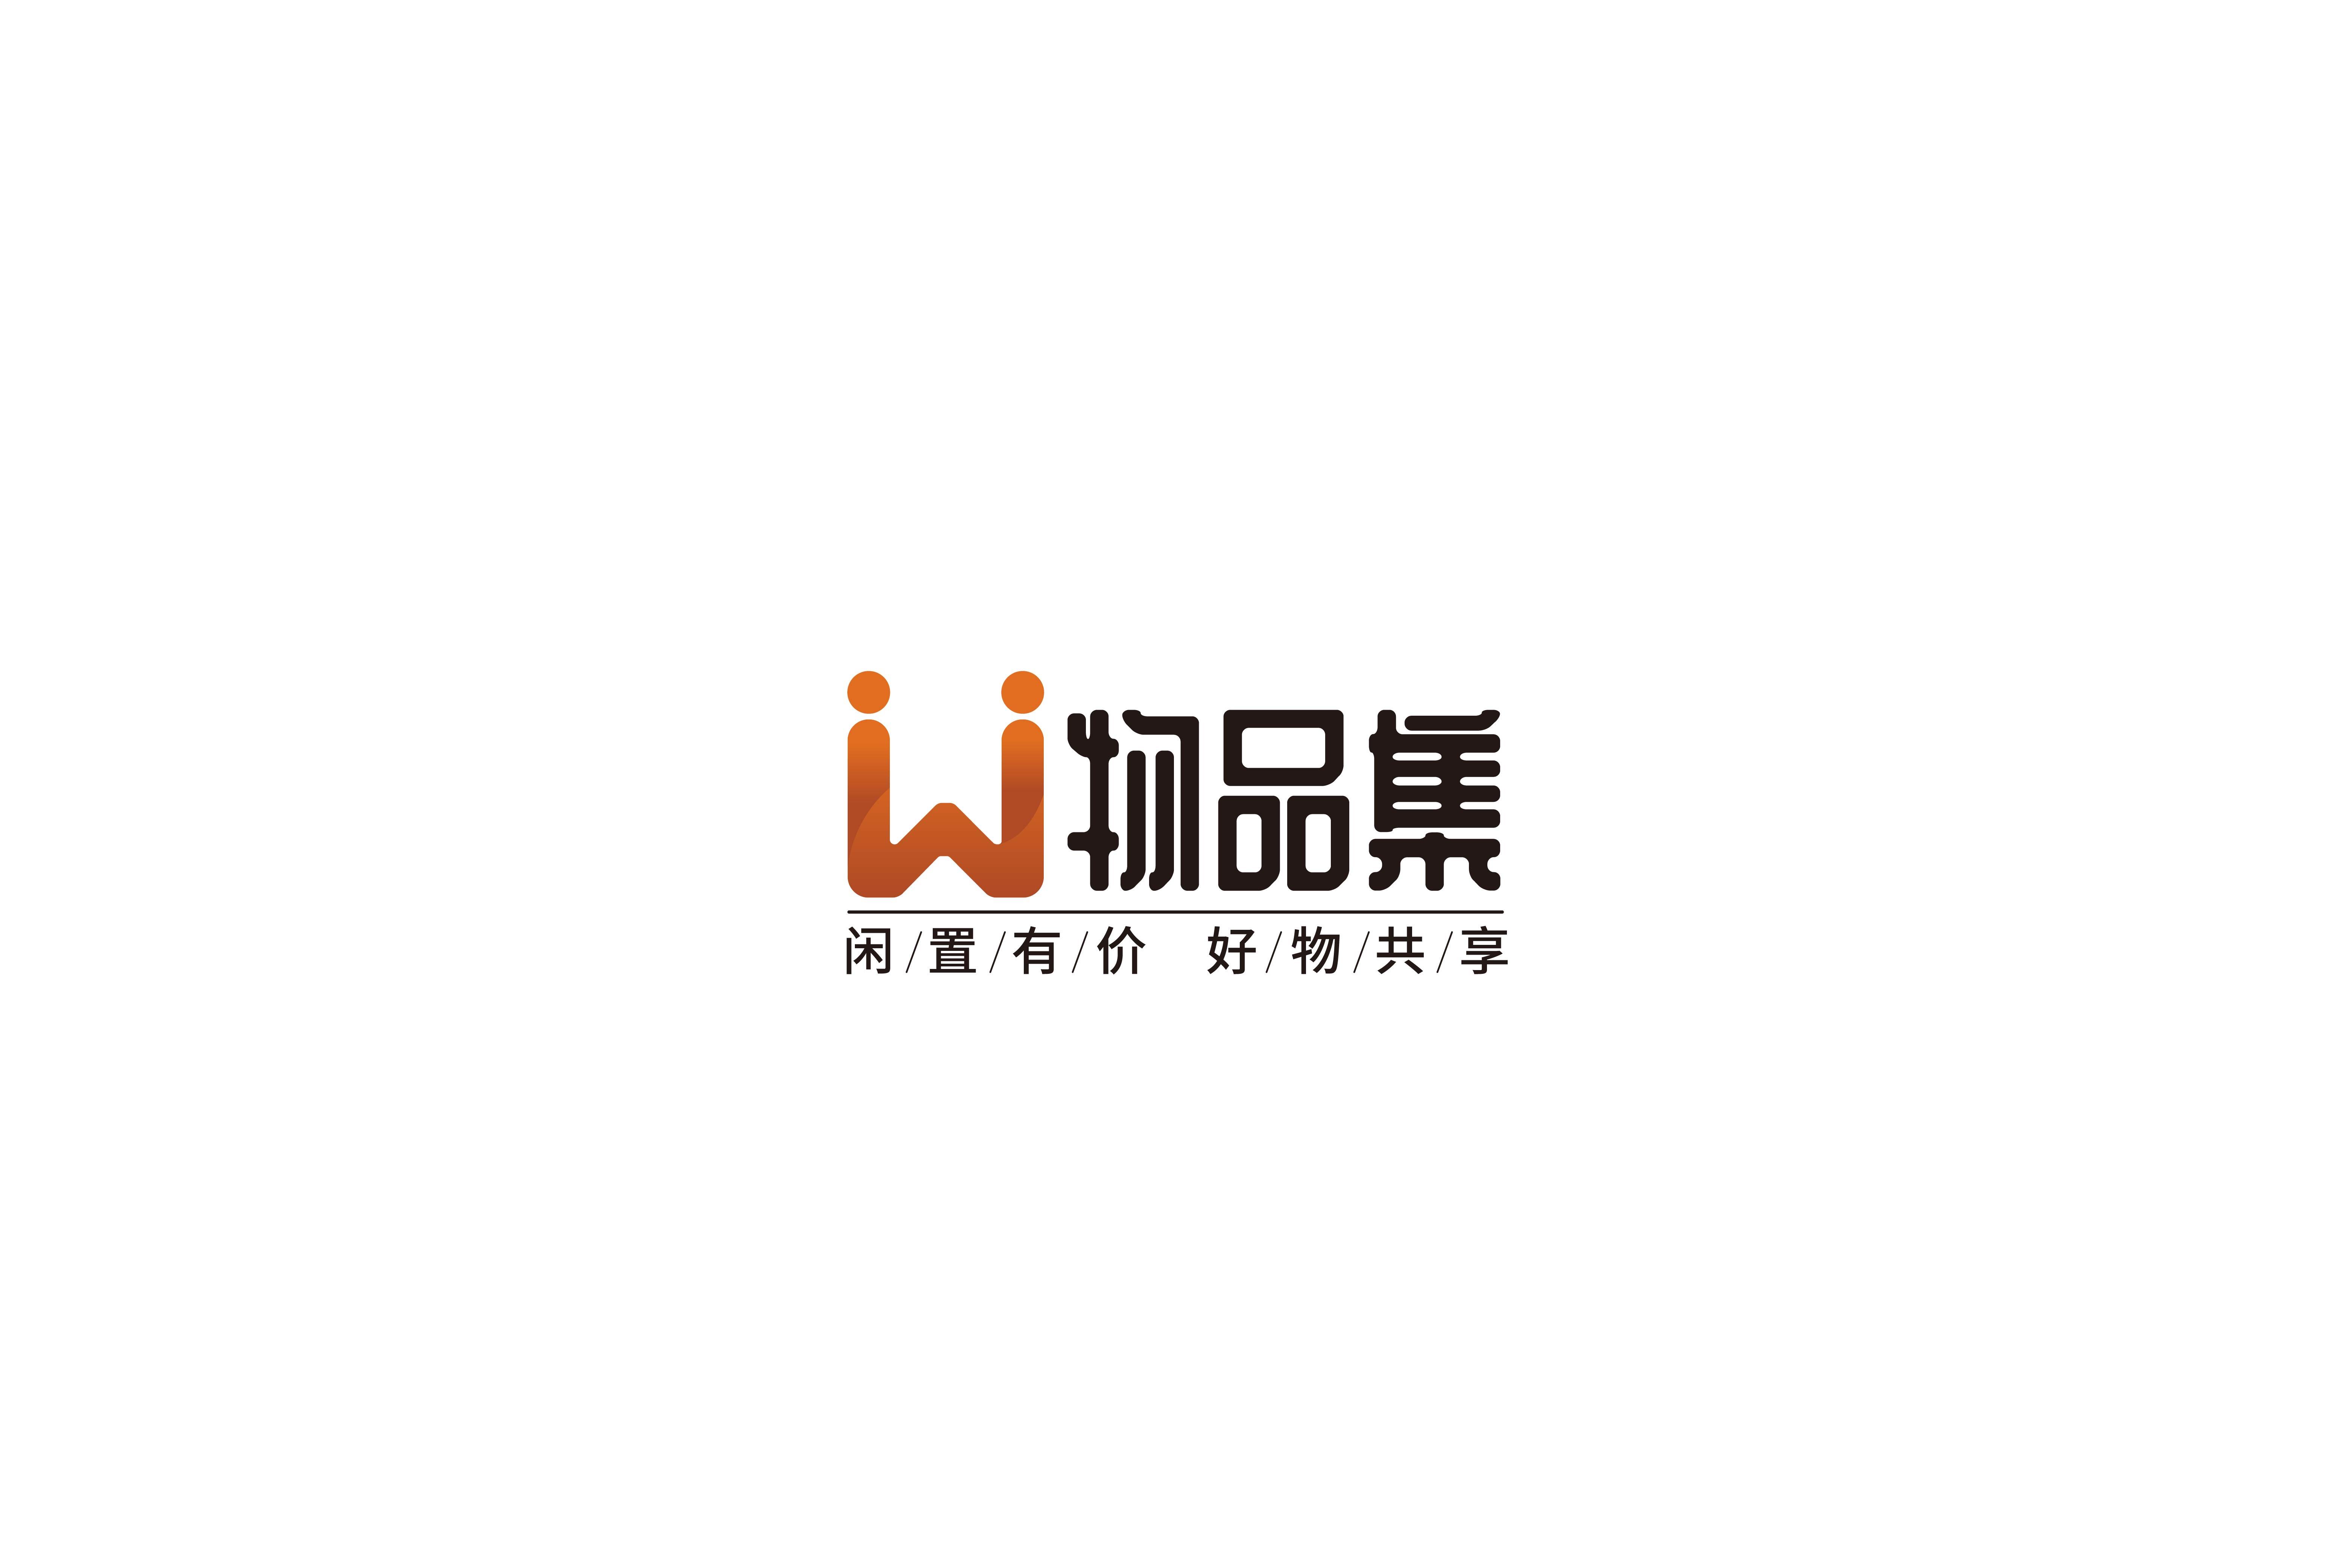 西安寻寓信息科技有限公司1